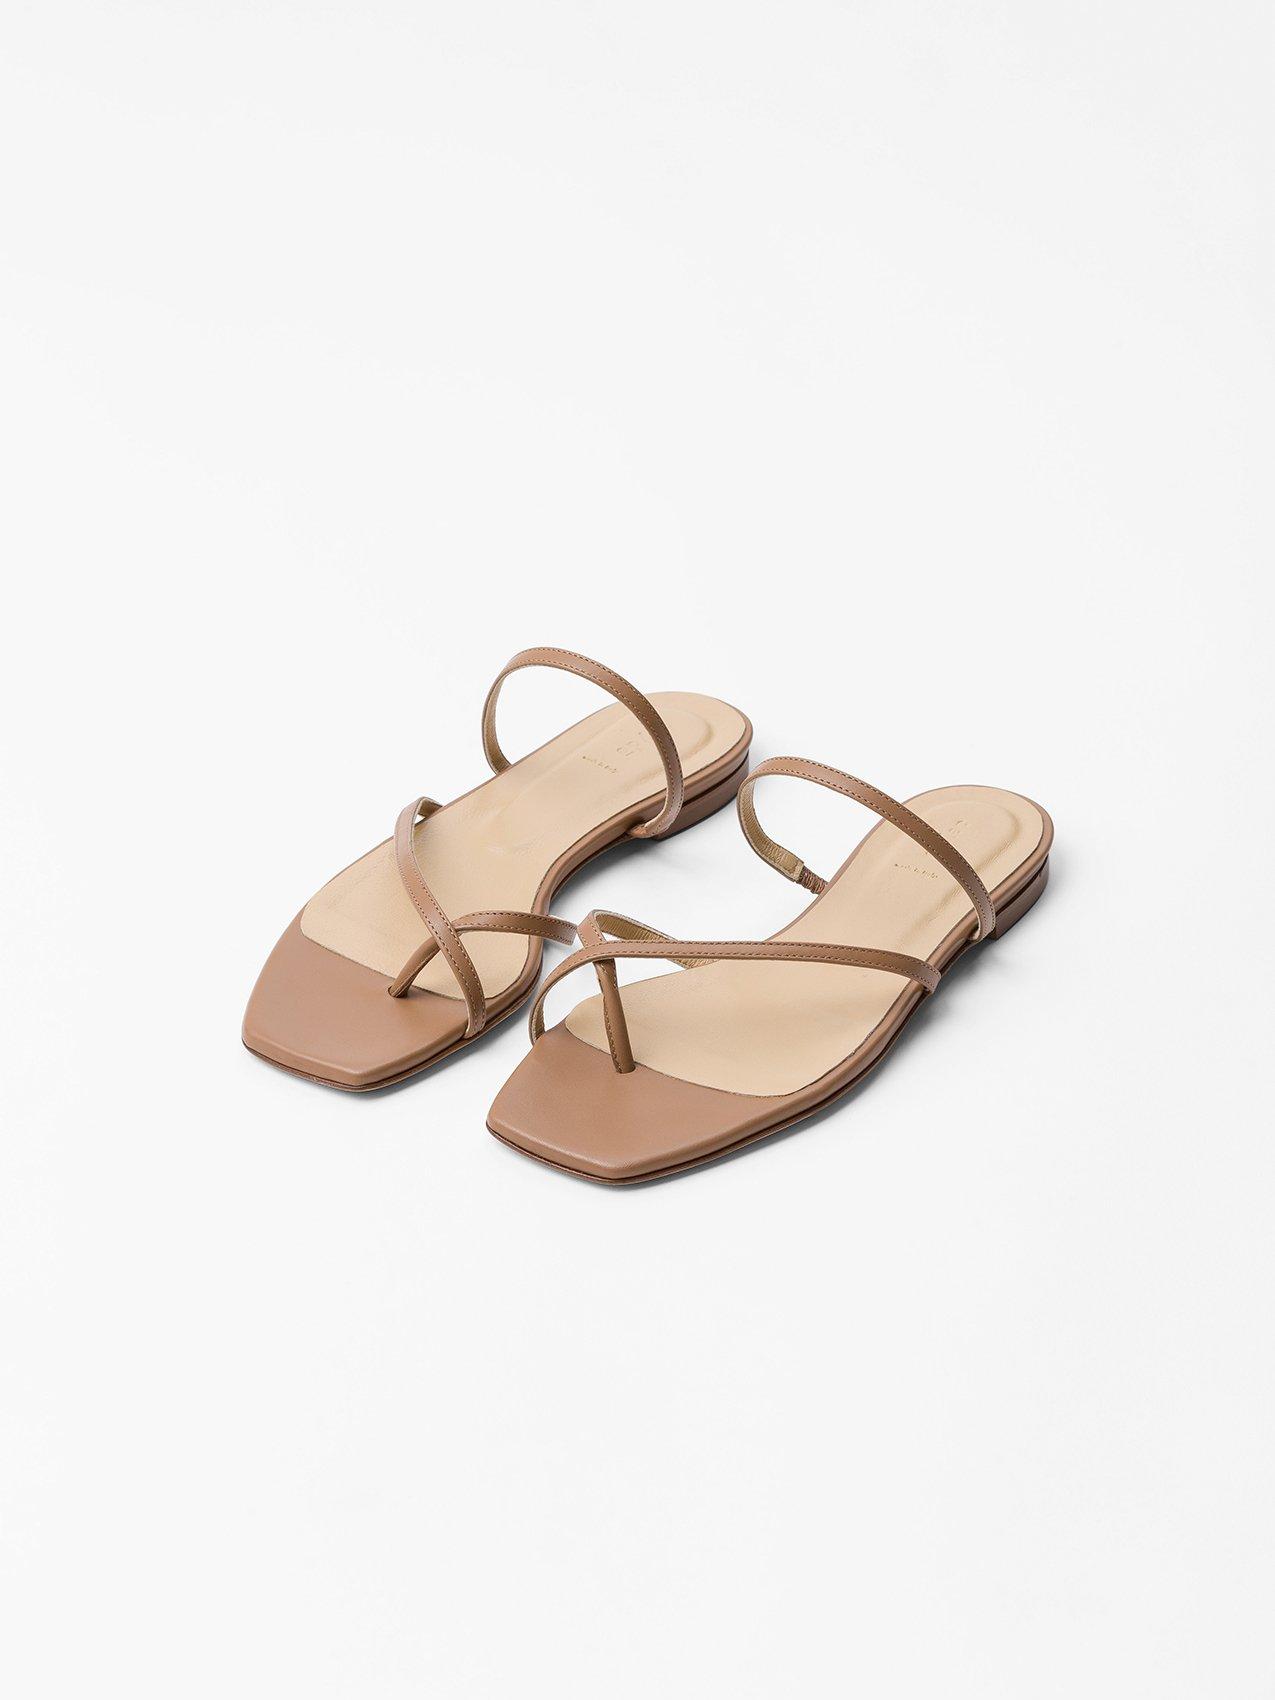 aeyde,Sandale, Aeyde, Marina, Naked Sandals